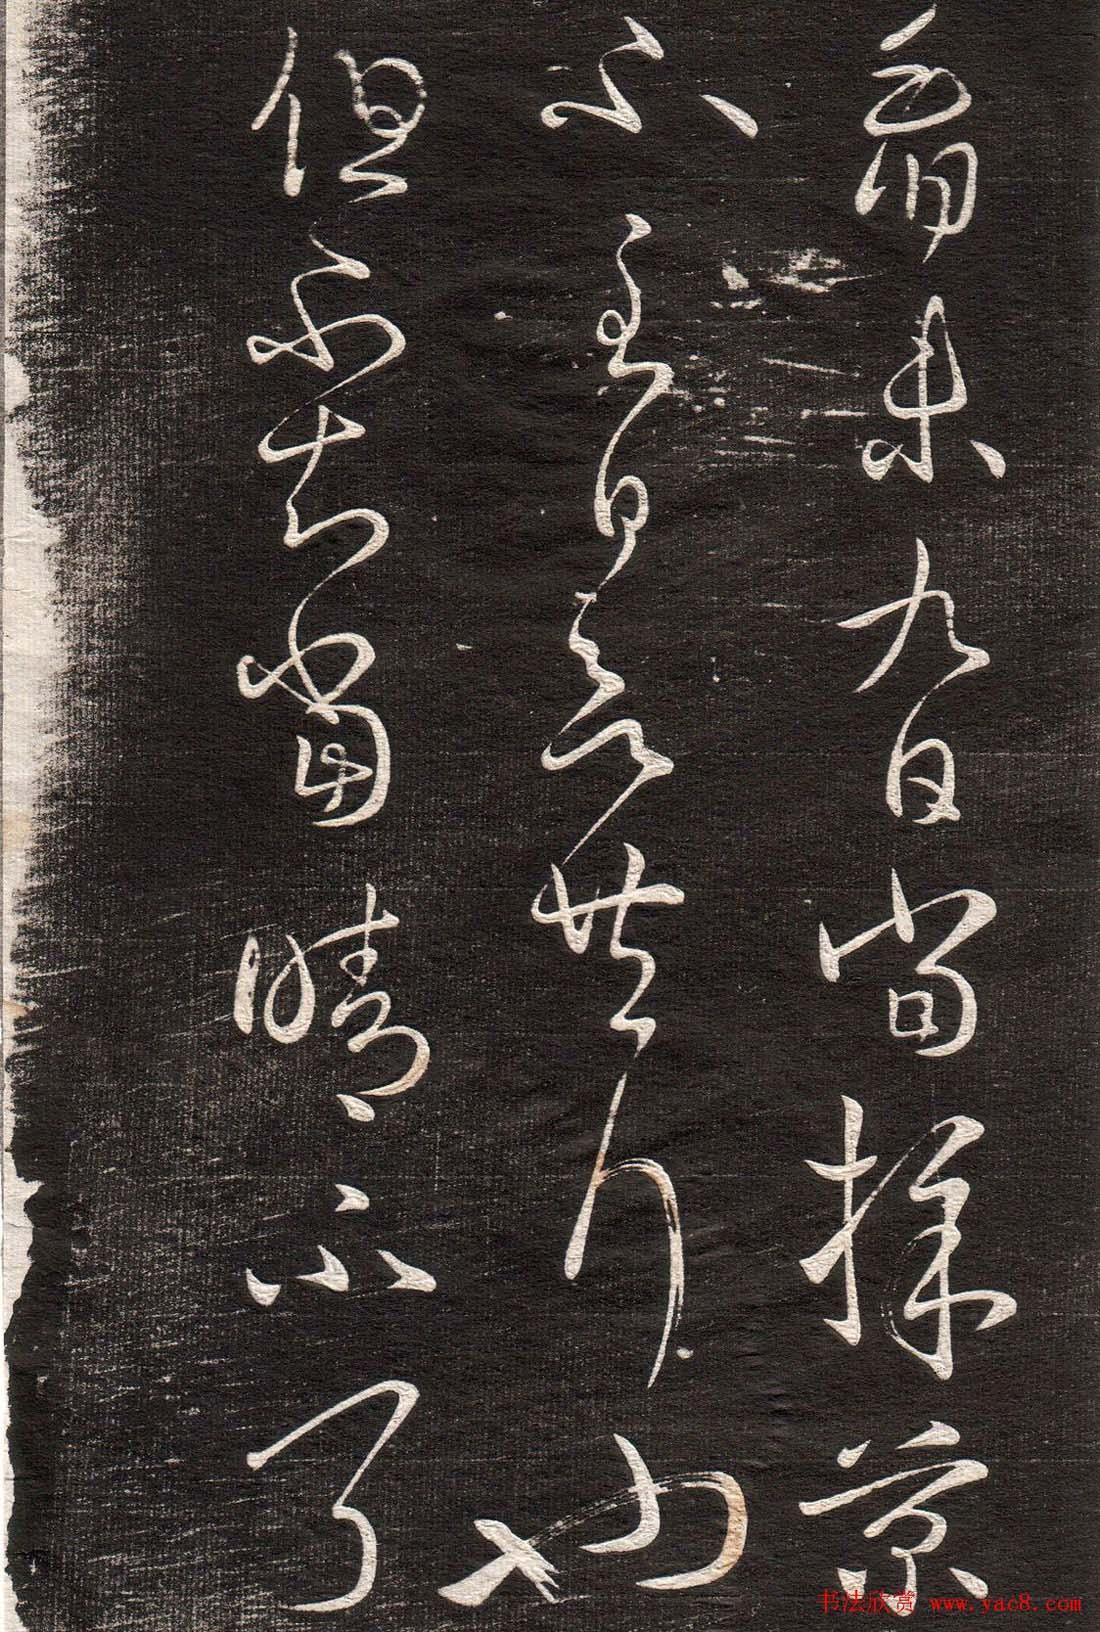 王羲之草书字帖下载《眉寿堂卷二》(12)图片